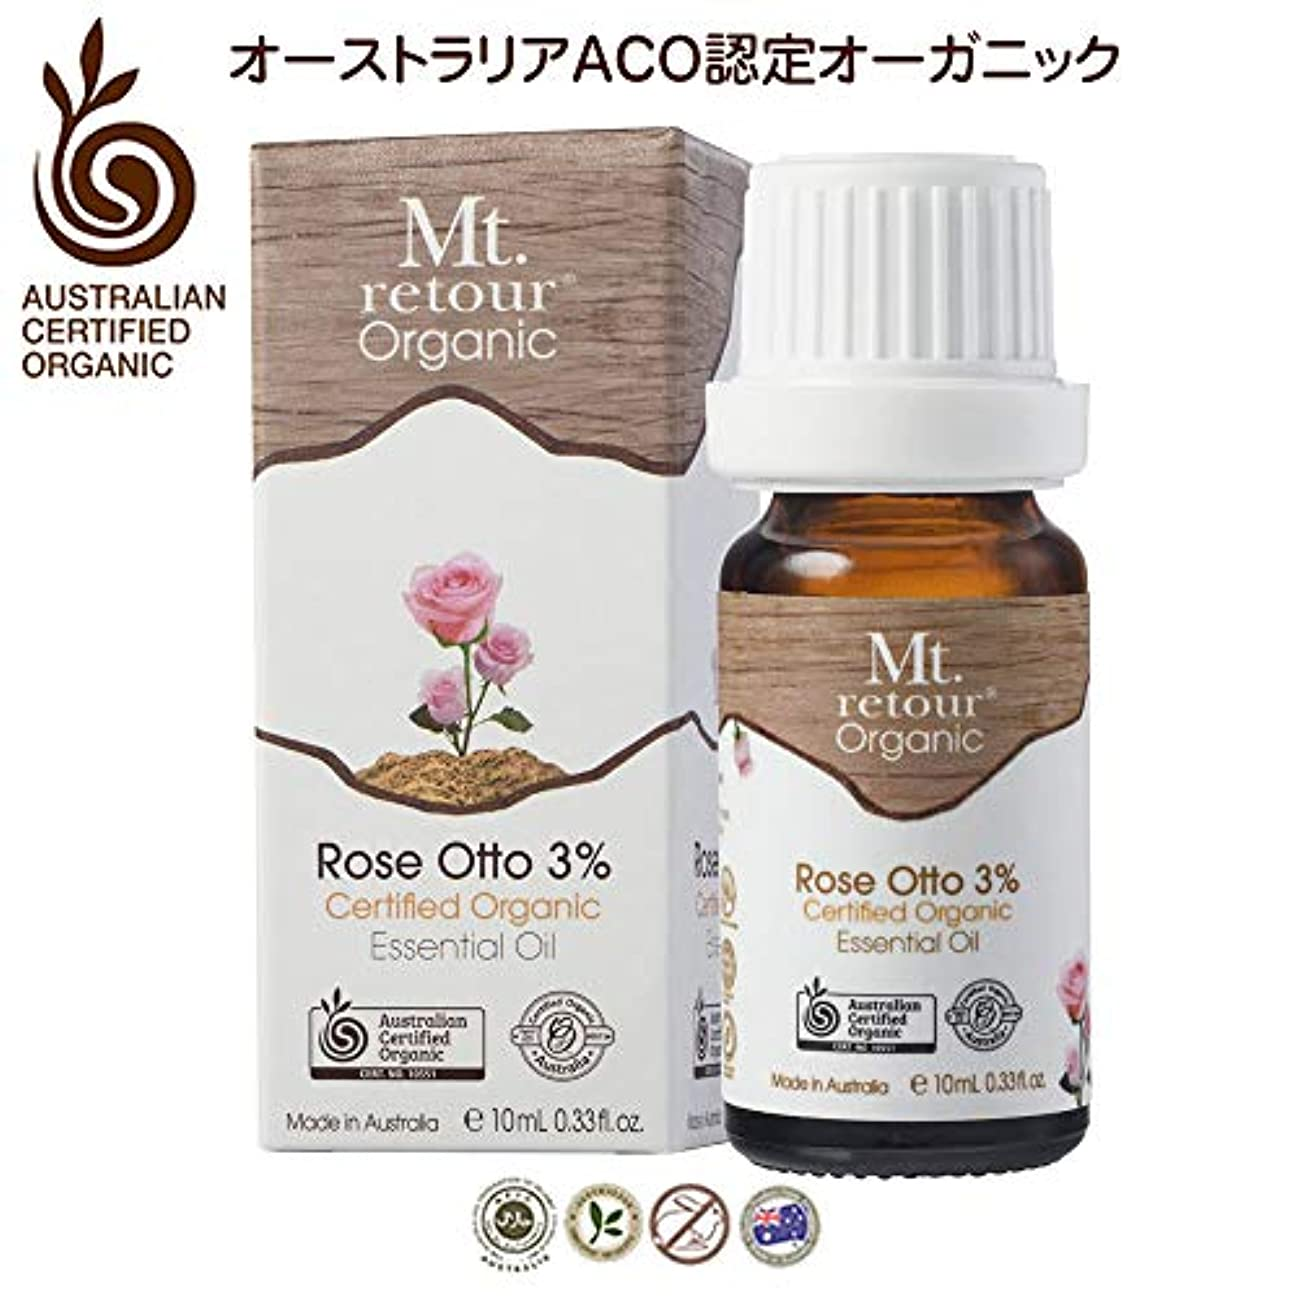 影響する瞑想的面Mt. retour ACO認定オーガニック ローズオットー 3% in ホホバオイル 10ml エッセンシャルオイル(有機)アロマ